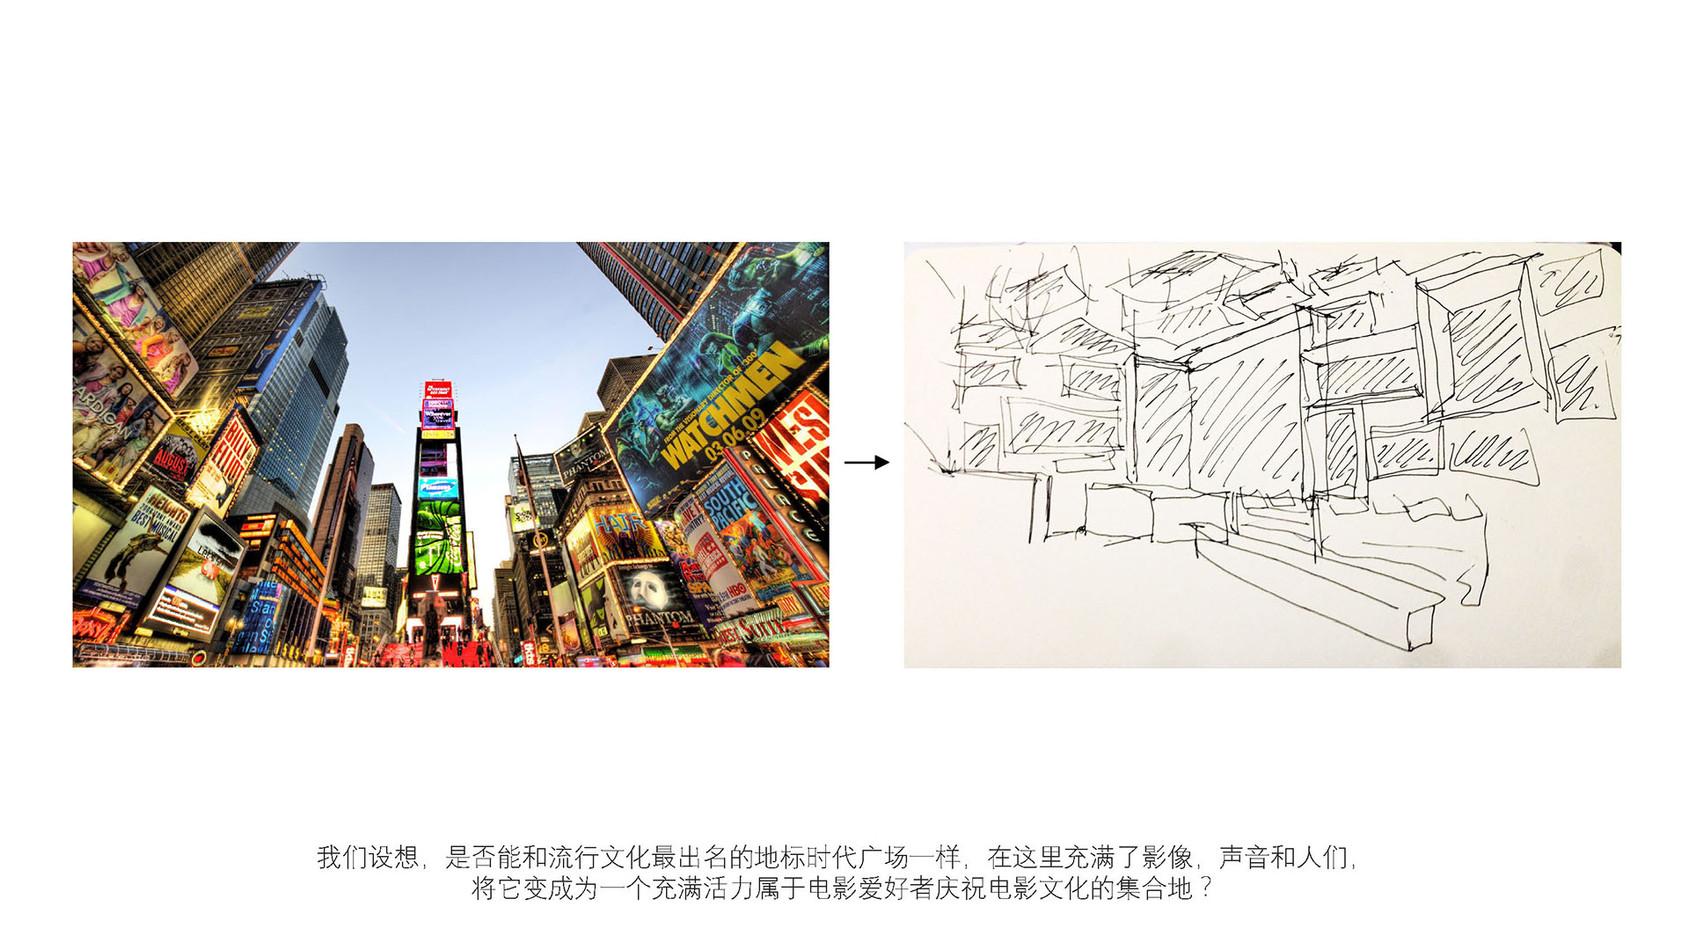 CHENGDU-EMPEROR-CINEMA-ZH 02.jpg